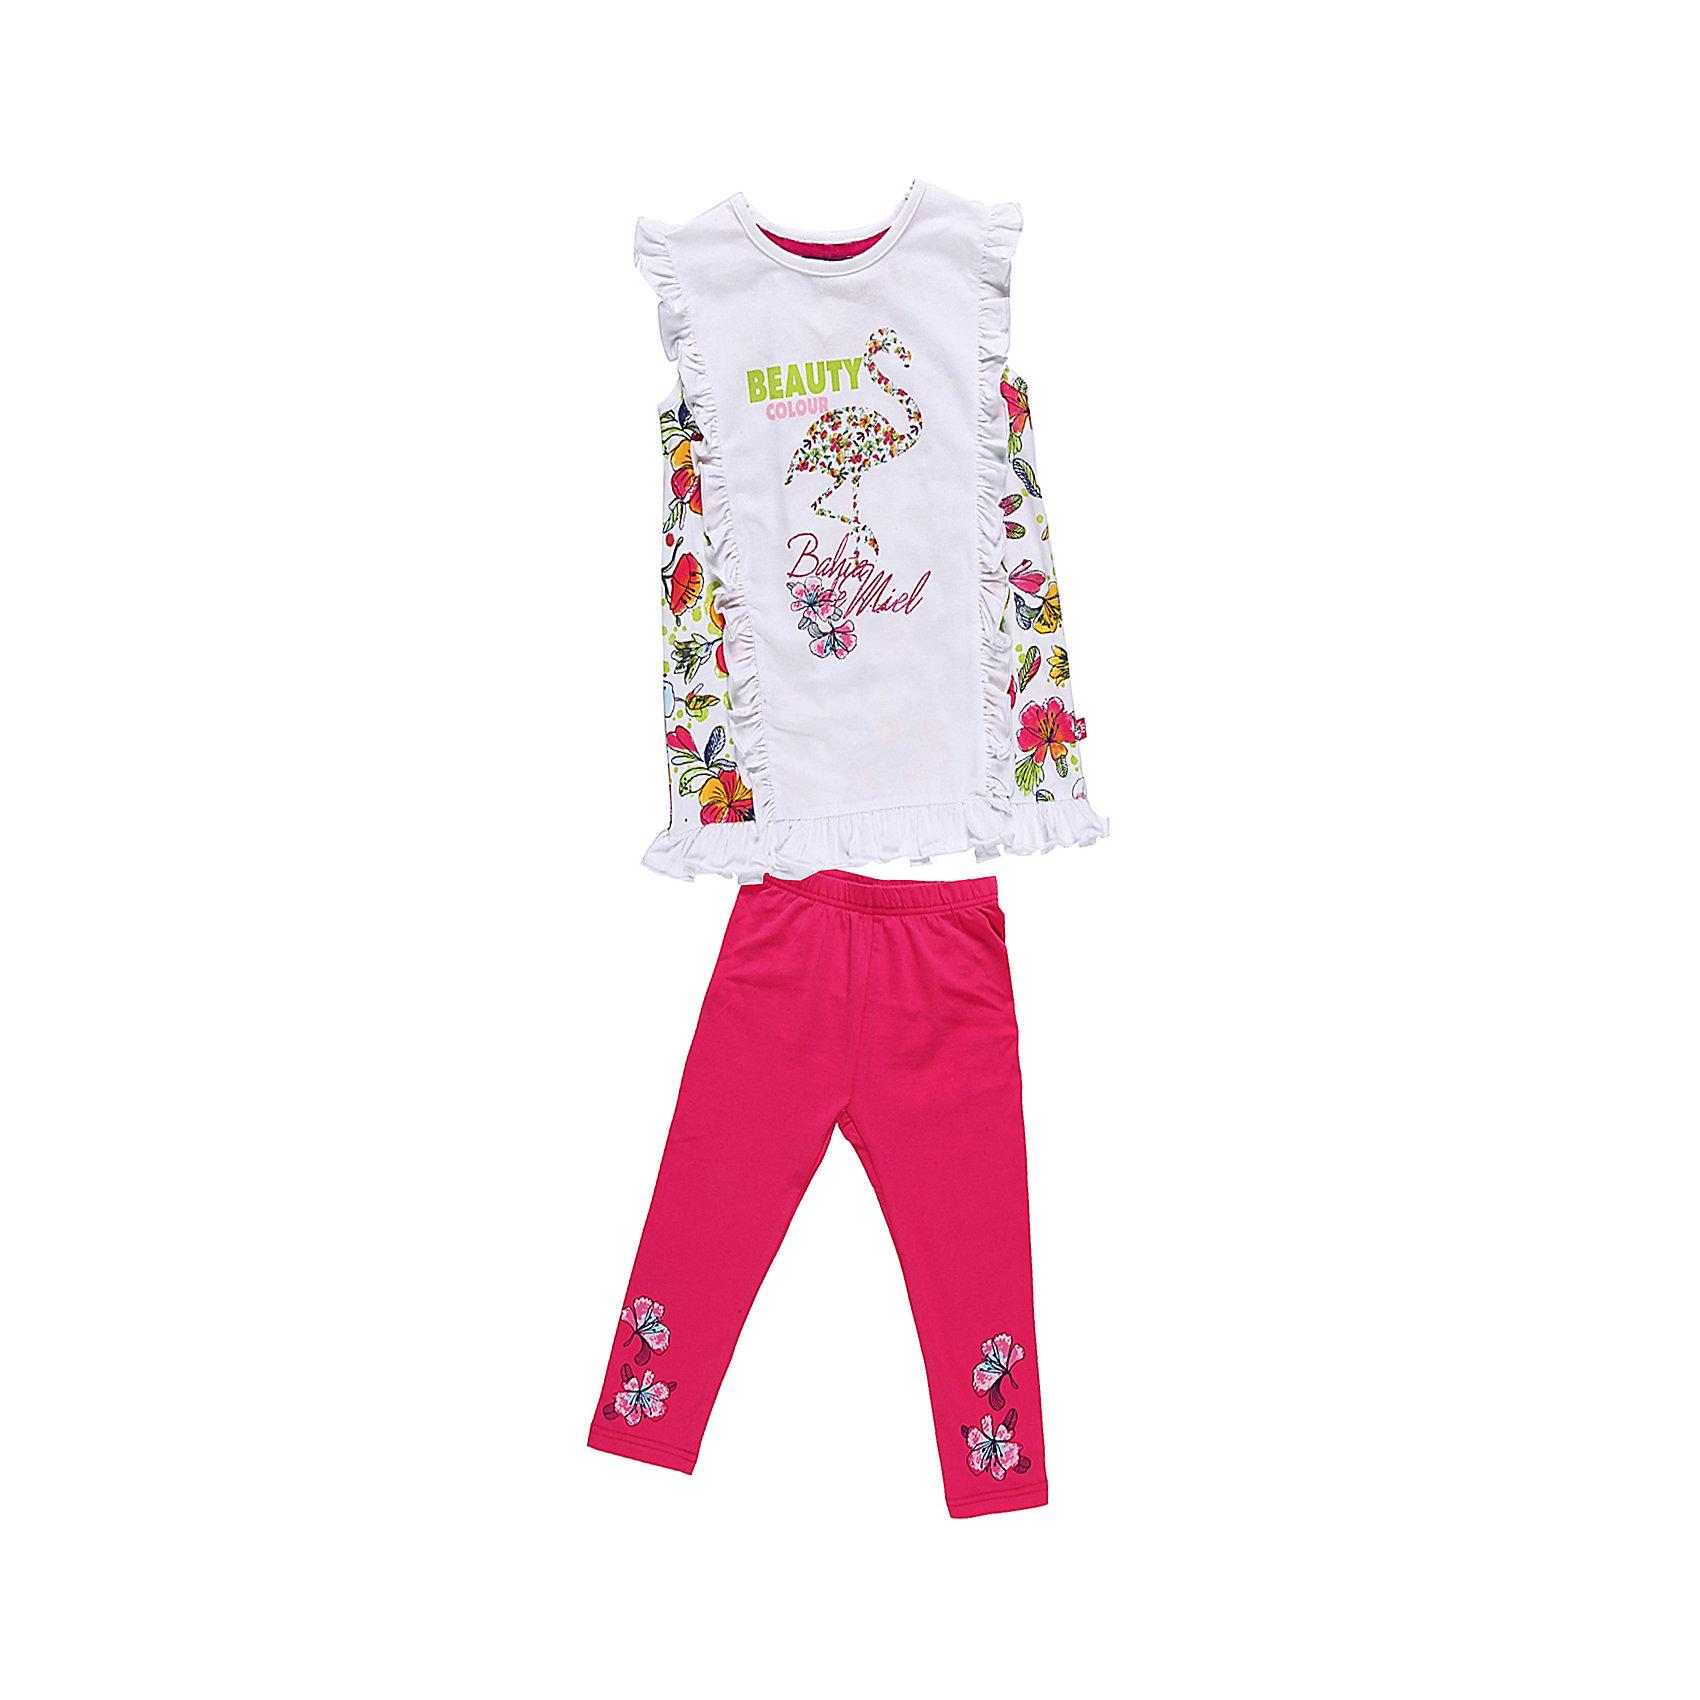 Комплект для девочки: футболка и леггинсы Sweet BerryЯркий комплект из эластичного трикотажа. Украшен принтами и рюшами<br>Состав:<br>95% хлопок, 5% эластан<br><br>Ширина мм: 199<br>Глубина мм: 10<br>Высота мм: 161<br>Вес г: 151<br>Цвет: разноцветный<br>Возраст от месяцев: 24<br>Возраст до месяцев: 36<br>Пол: Женский<br>Возраст: Детский<br>Размер: 98,122,110,116,128,104<br>SKU: 4521271